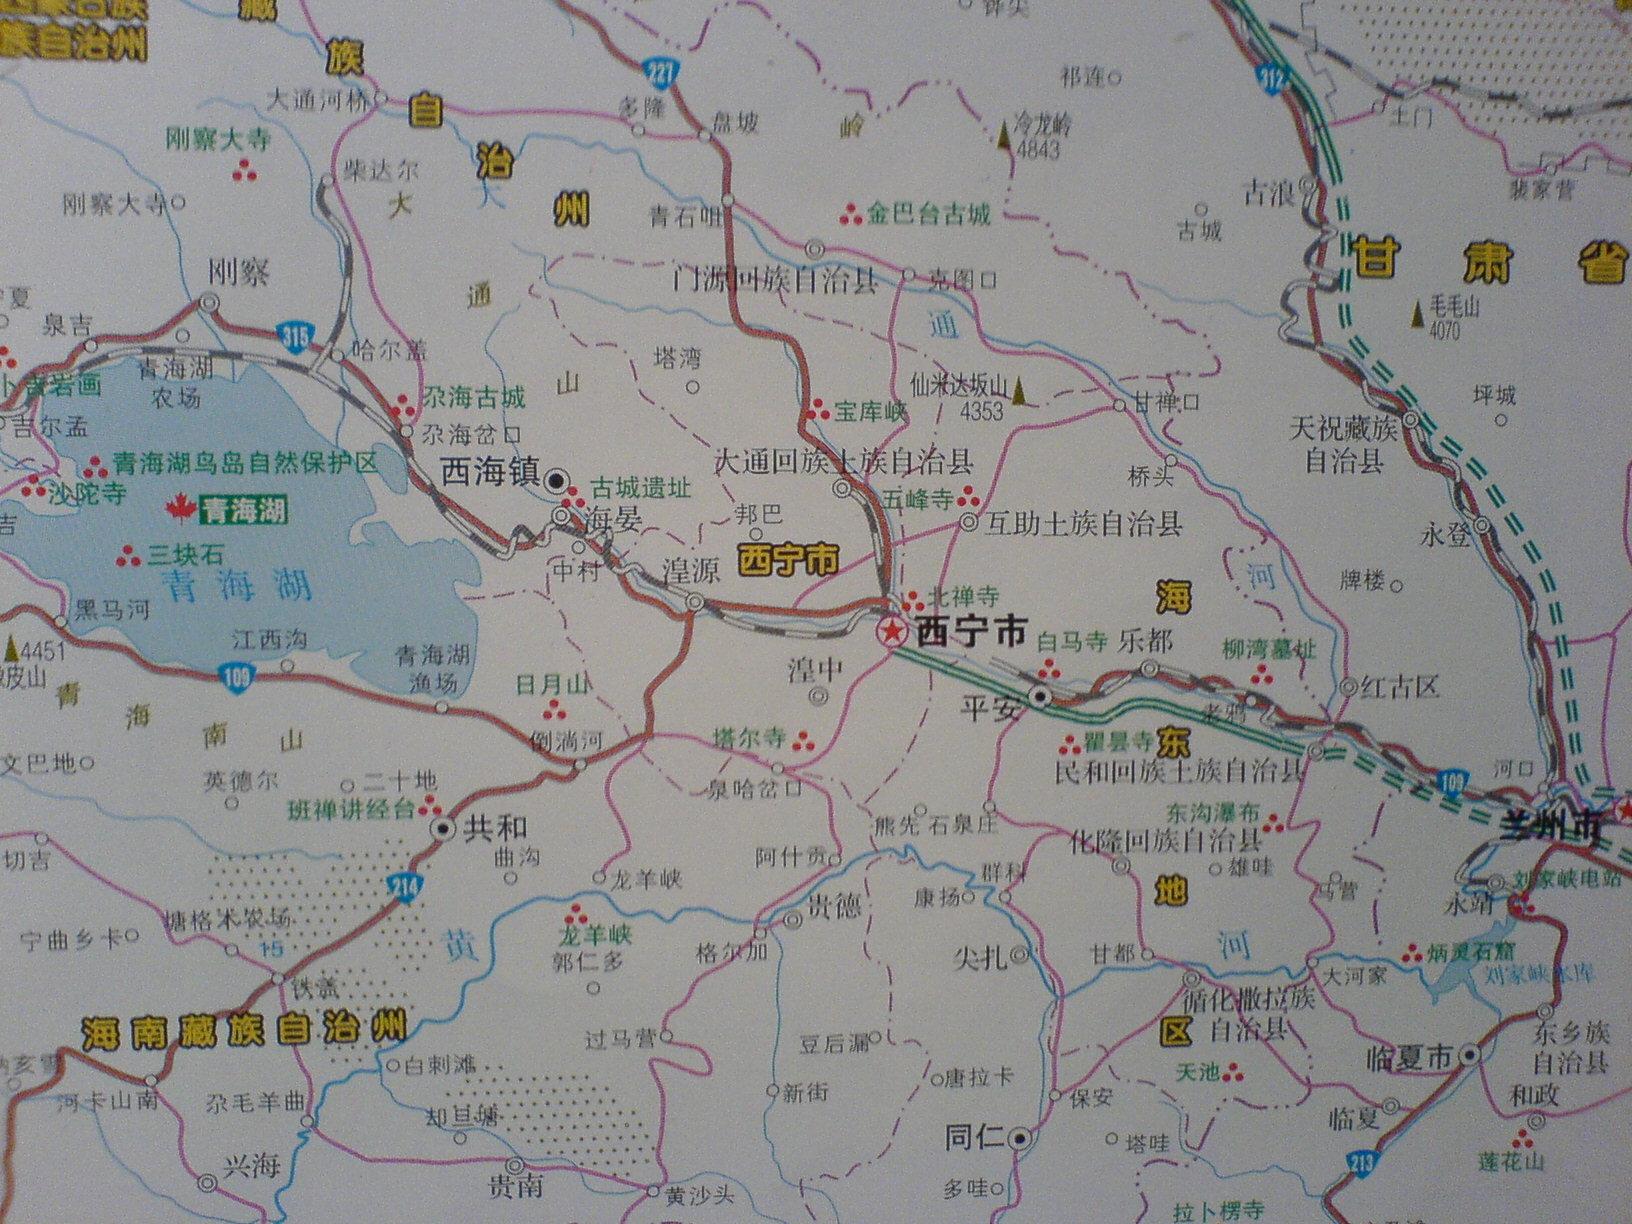 西宁地图图片